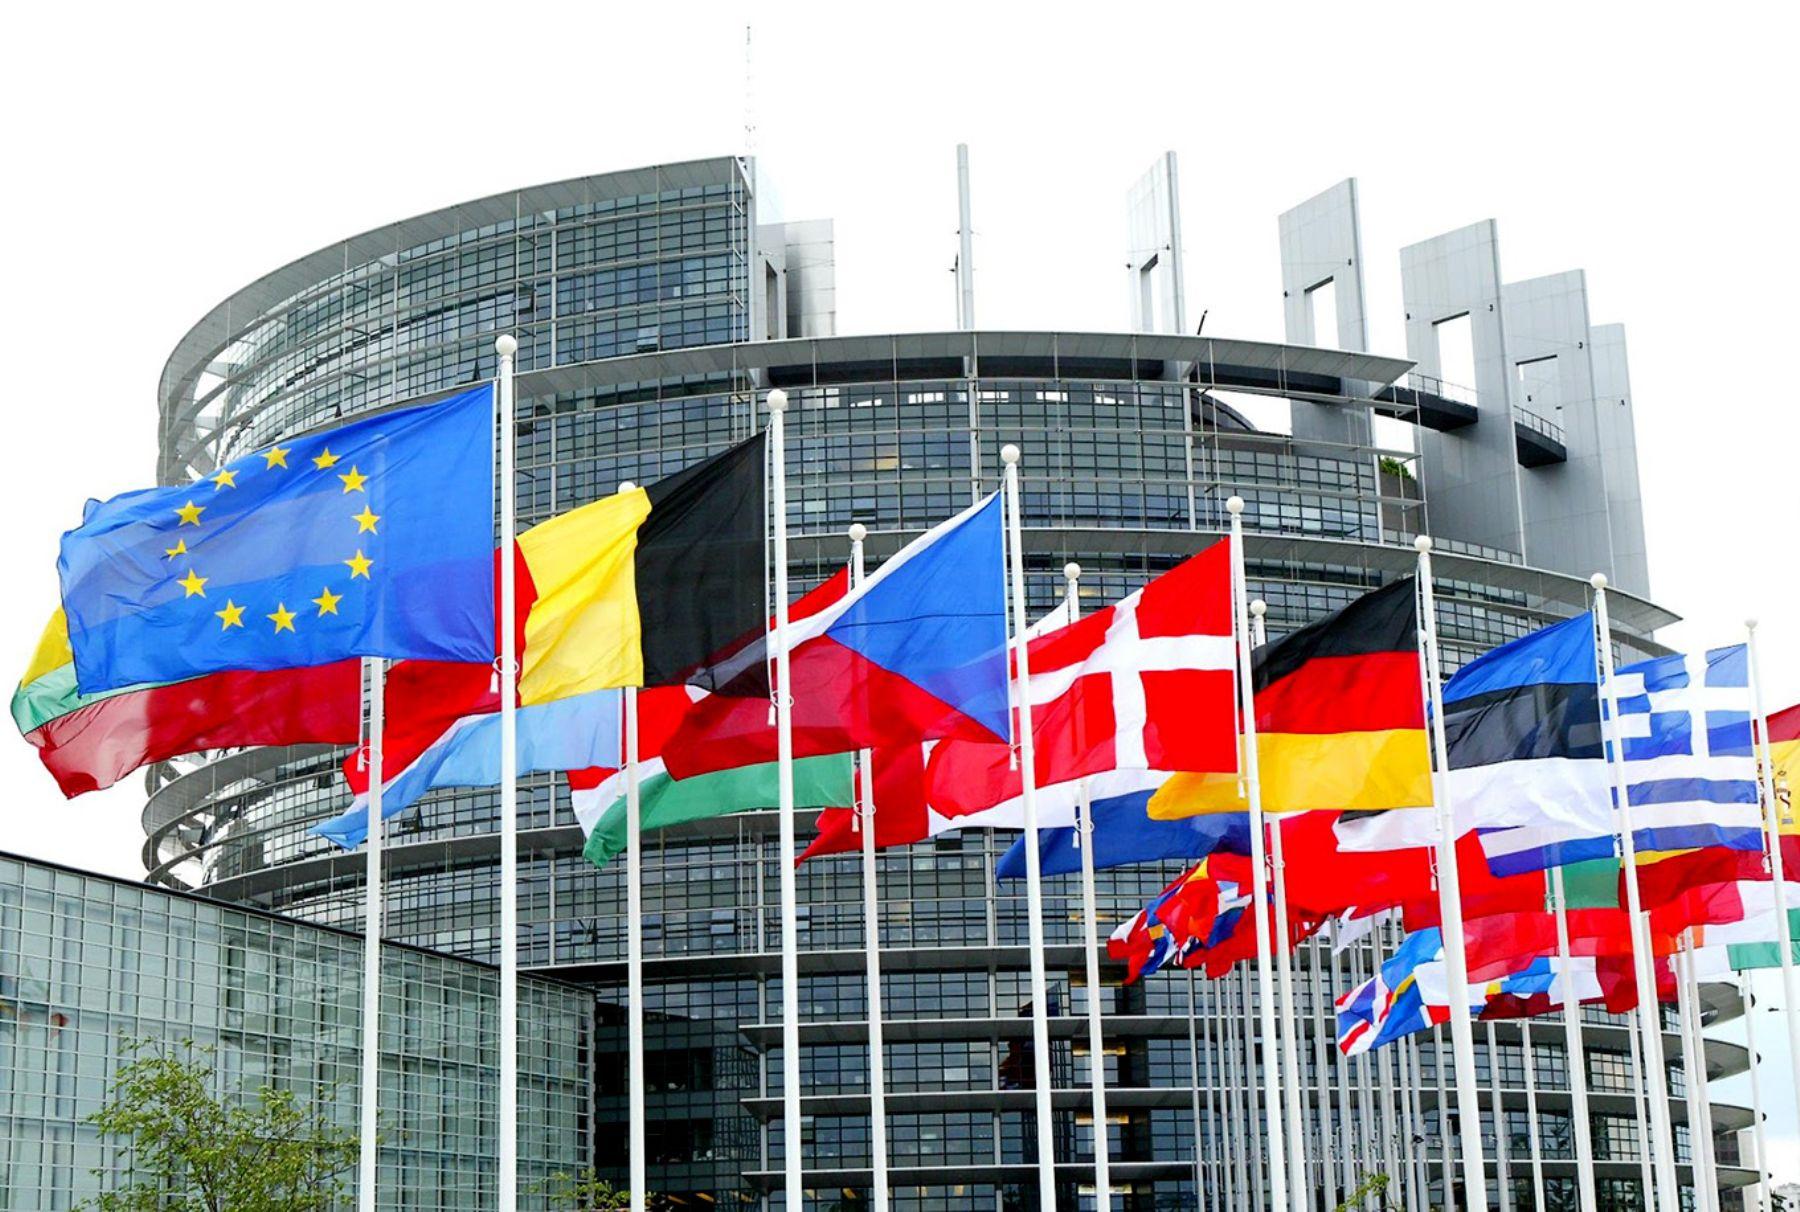 Sede del Parlamento Europeo, Bruselas. INTERNET/Medios